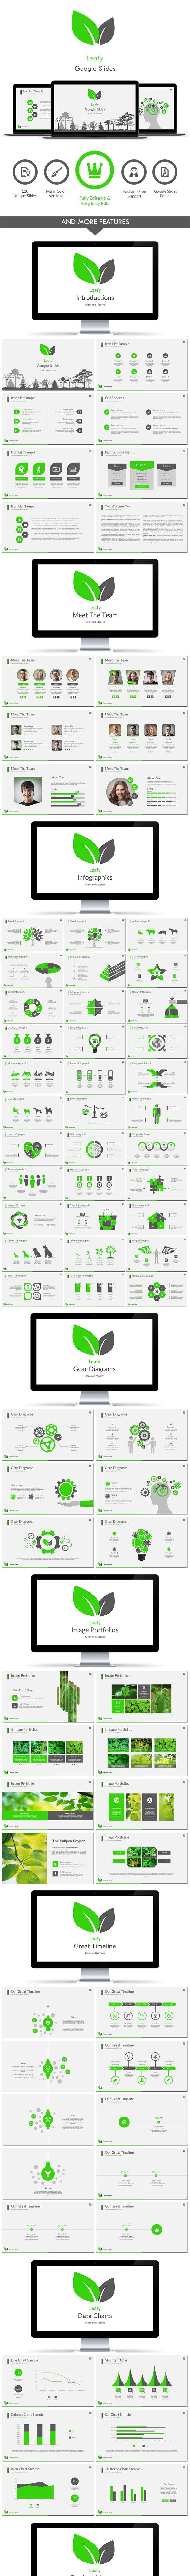 Leafy Google Slides - Google Slides Presentation Templates